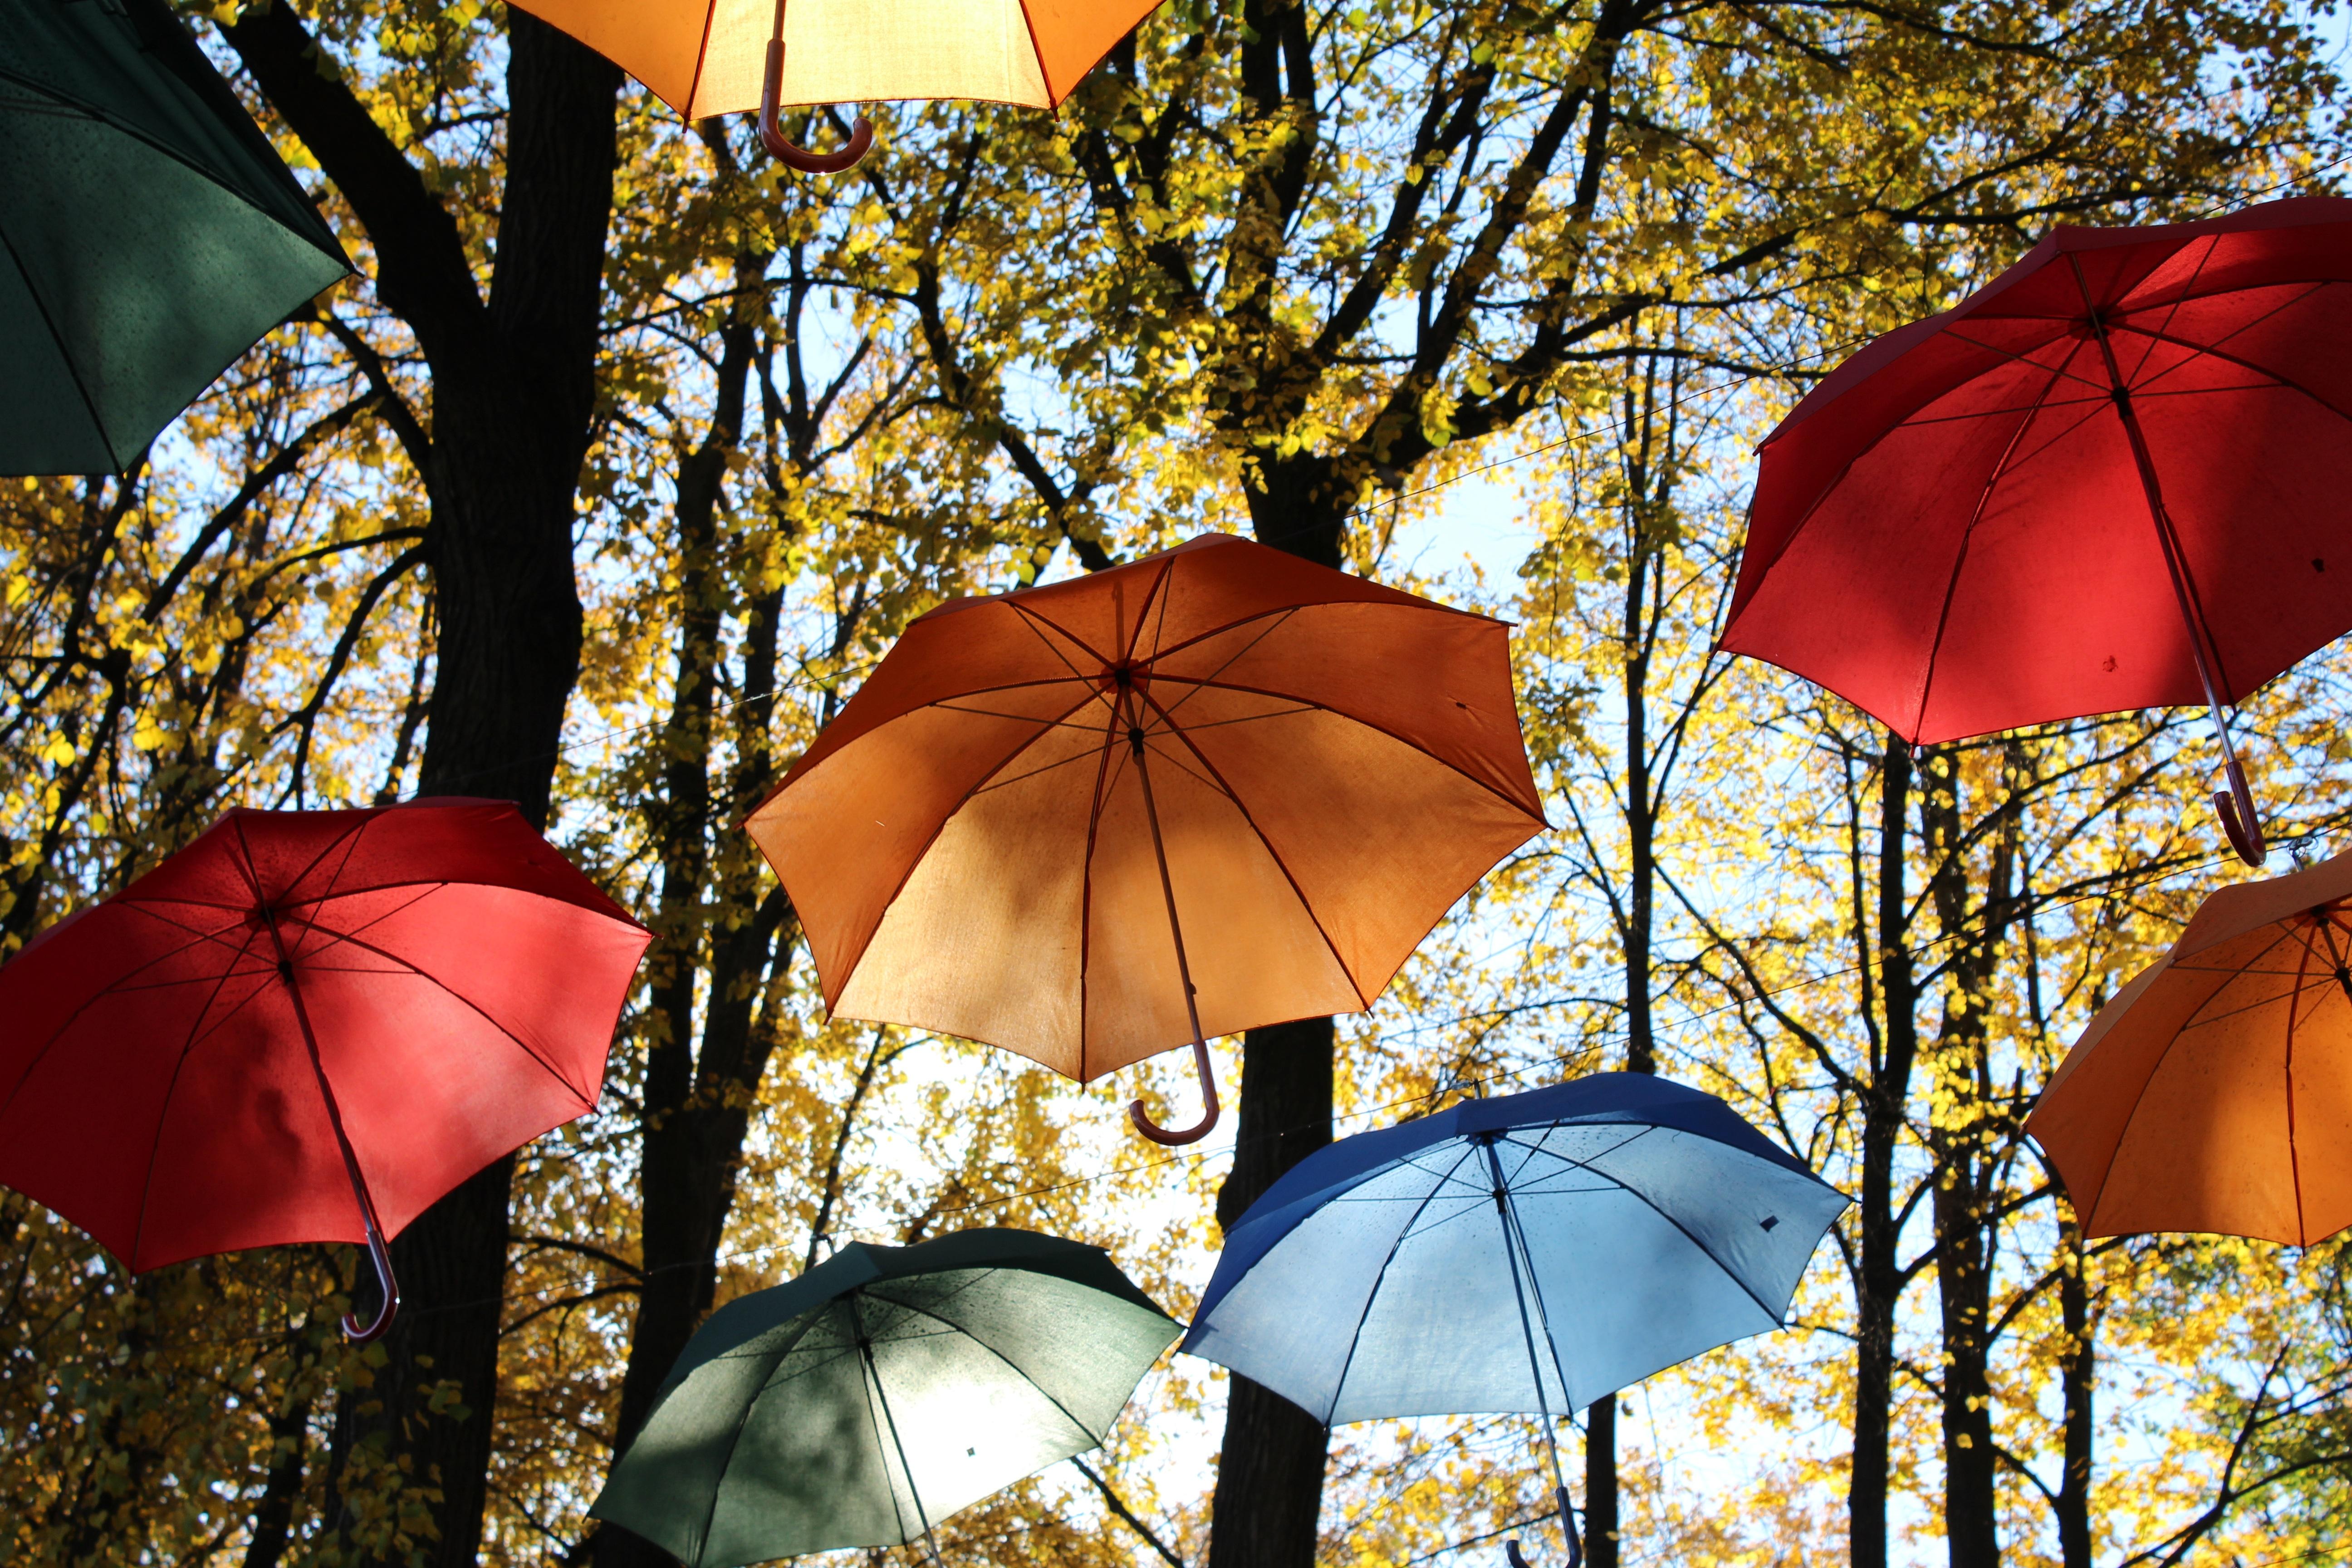 биологического происхождения, осень зонт солнце фото дизайн